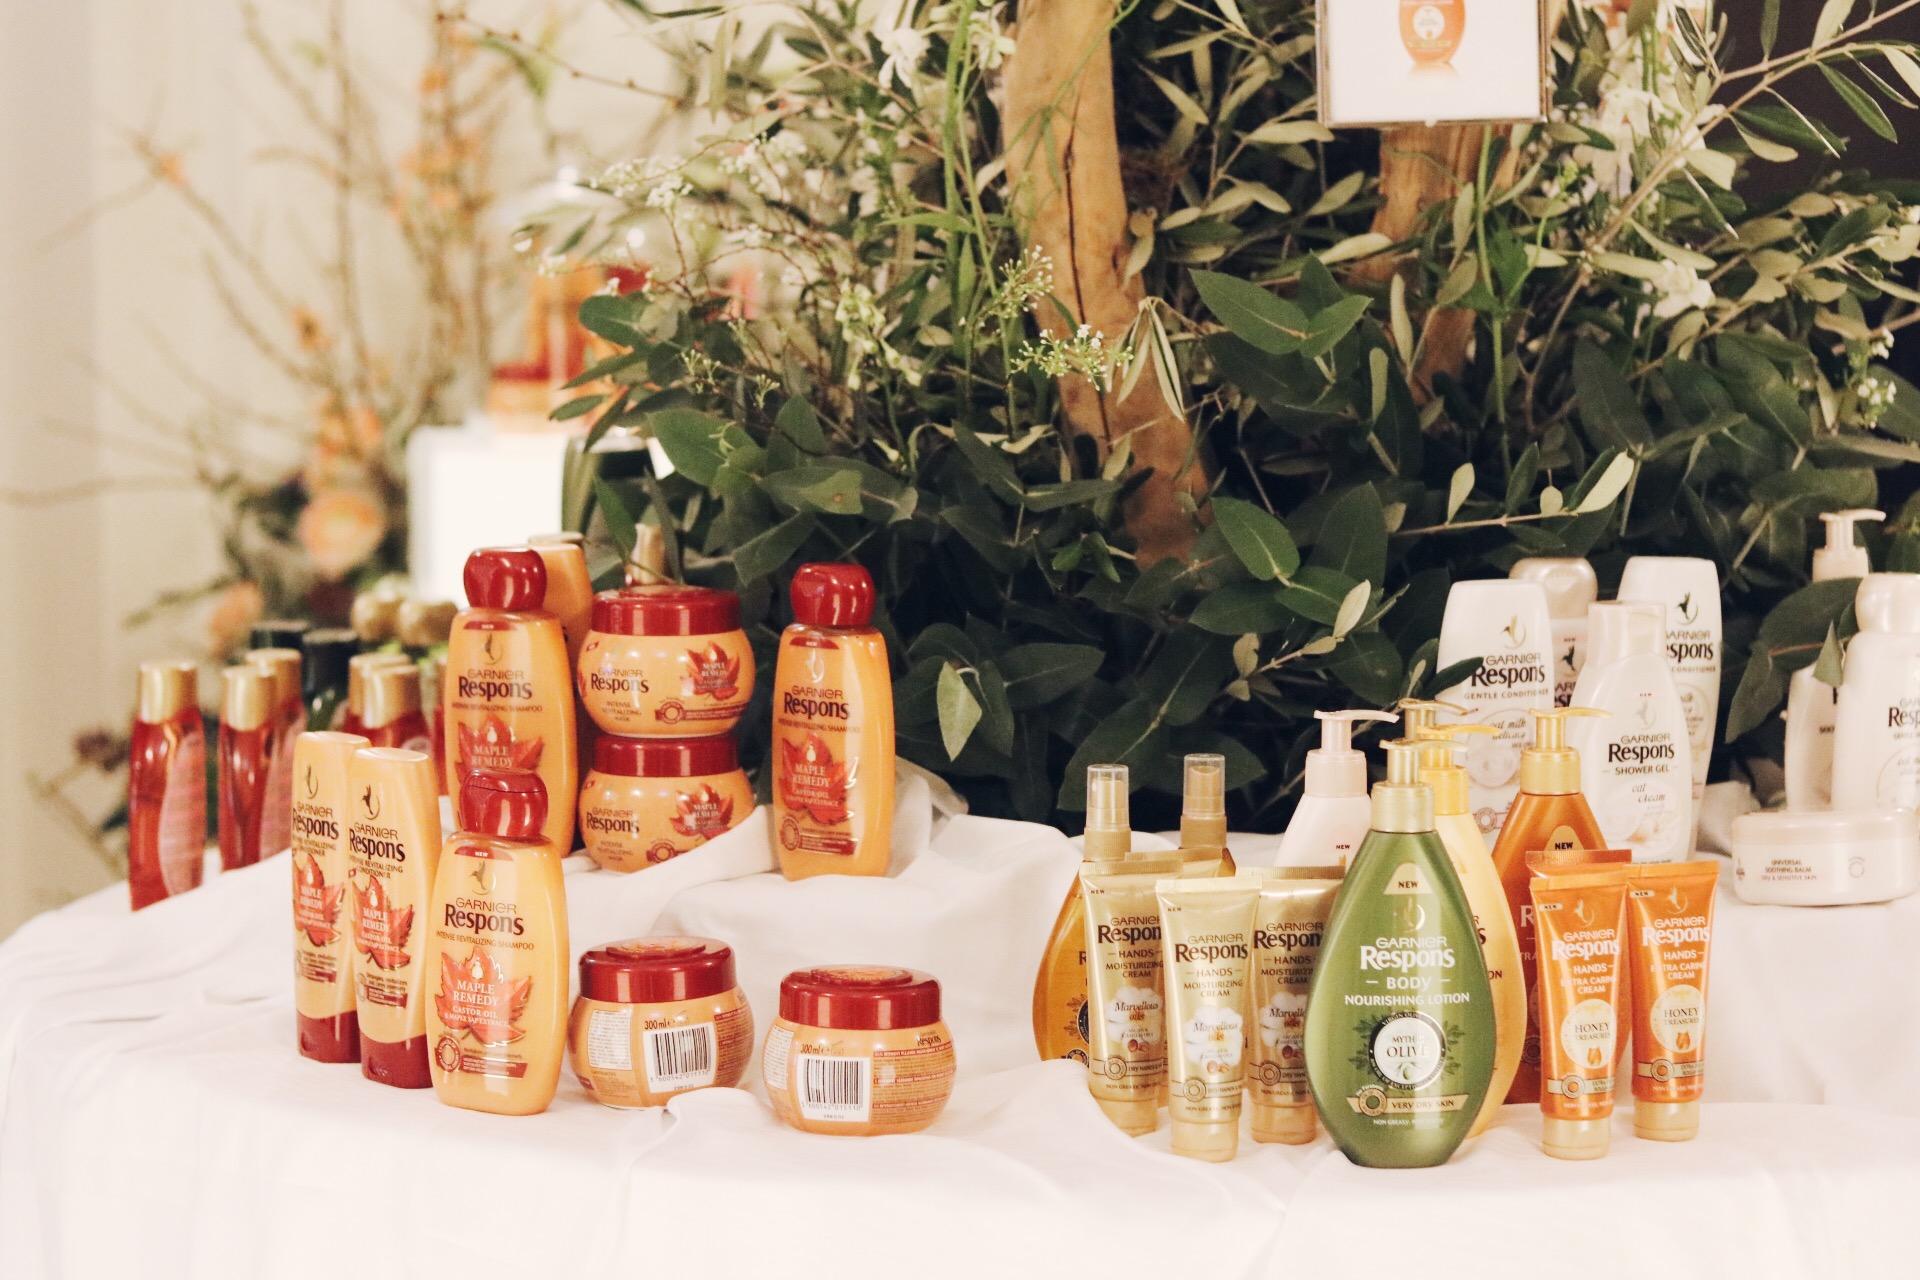 Apoliva, Daisy Beauty Expo 2017, Garnier, LÓréal, produkter, nyheter 2017, revlon, hårvård, amandahans, skönhetsblogg, Yves Rocher, Palina, Makiash, Eucerin